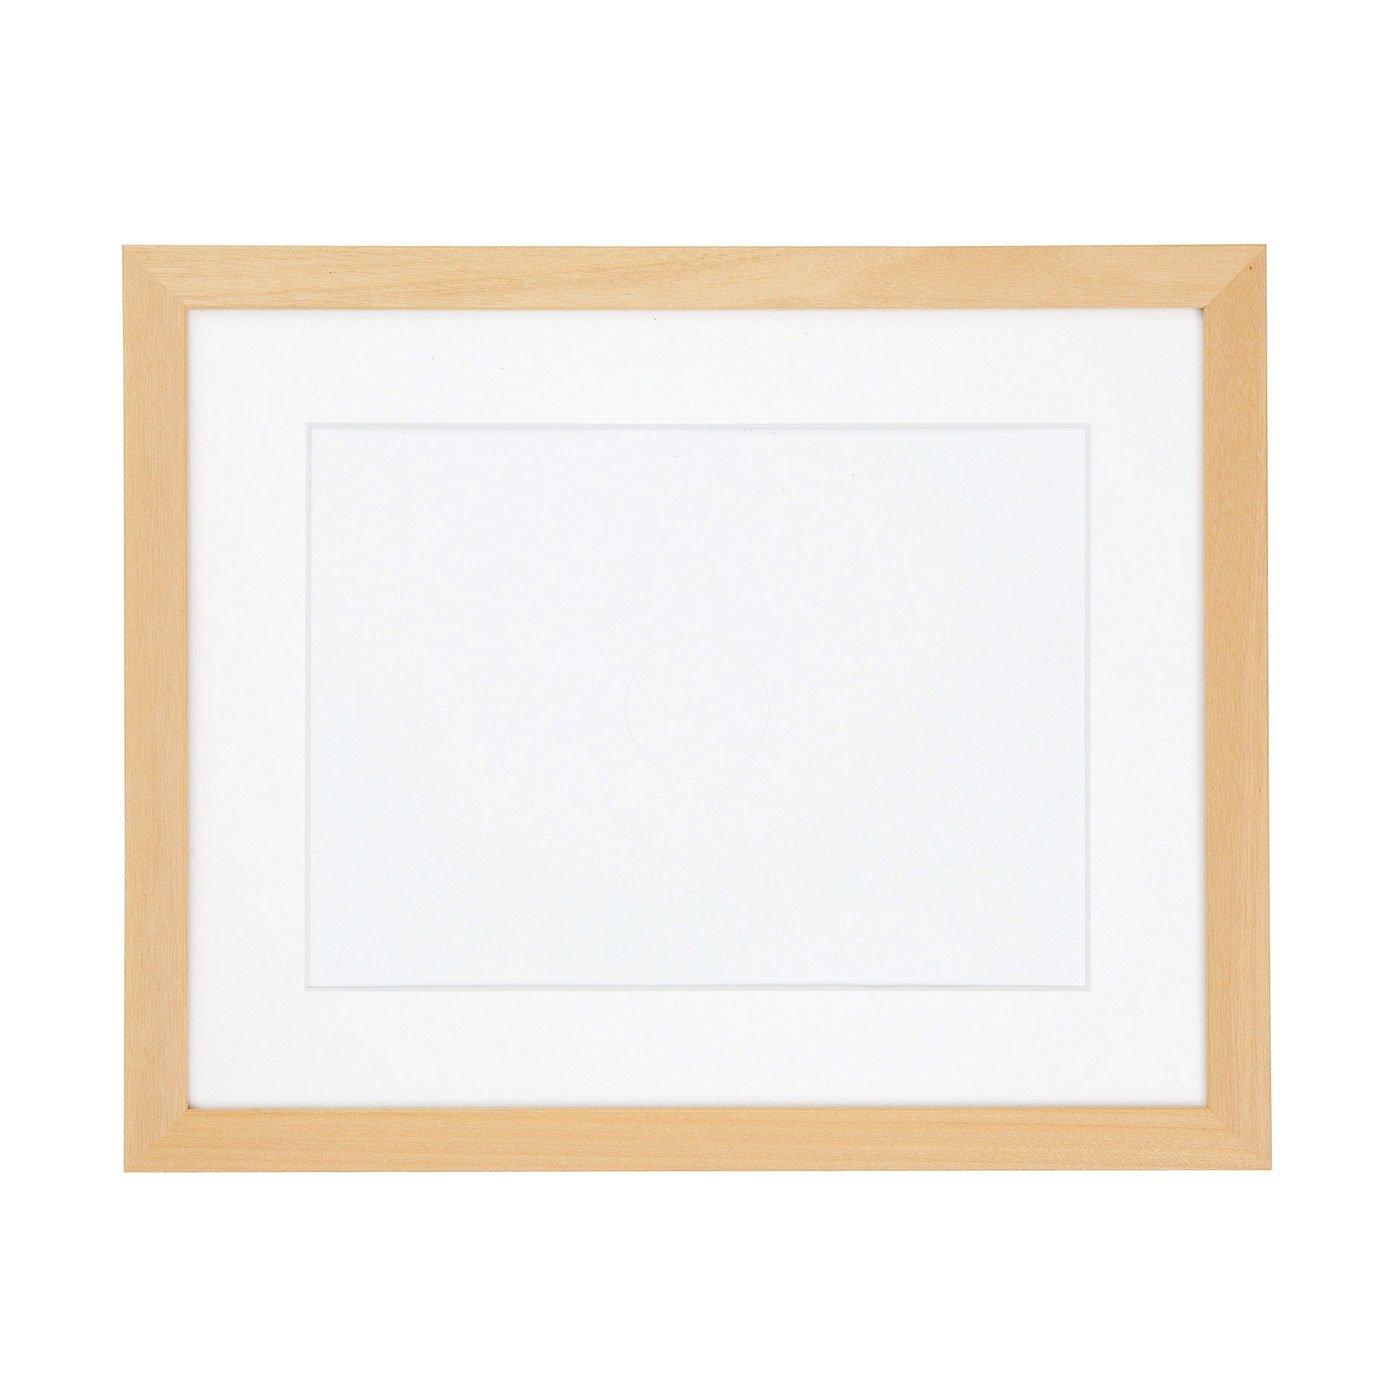 作品がやさしい印象に 木製フレーム(白木)